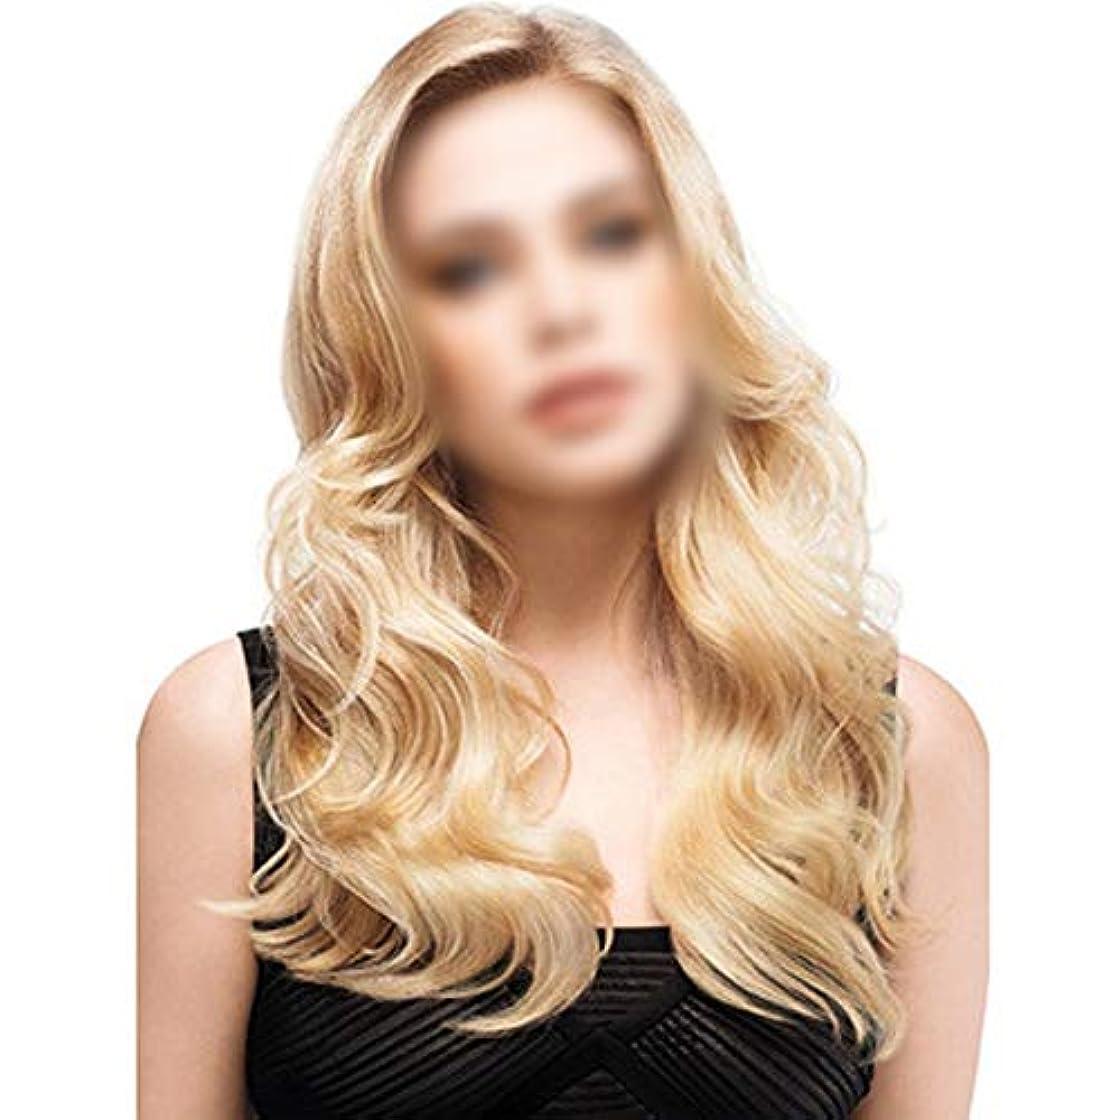 徹底的に何もない精通したWASAIO 女性のためのスタイルの交換のための長い巻き毛の波状のブロンドのかつらアクセサリー毎日のドレス耐熱繊維+キャップ (色 : Blonde, サイズ : 65cm)